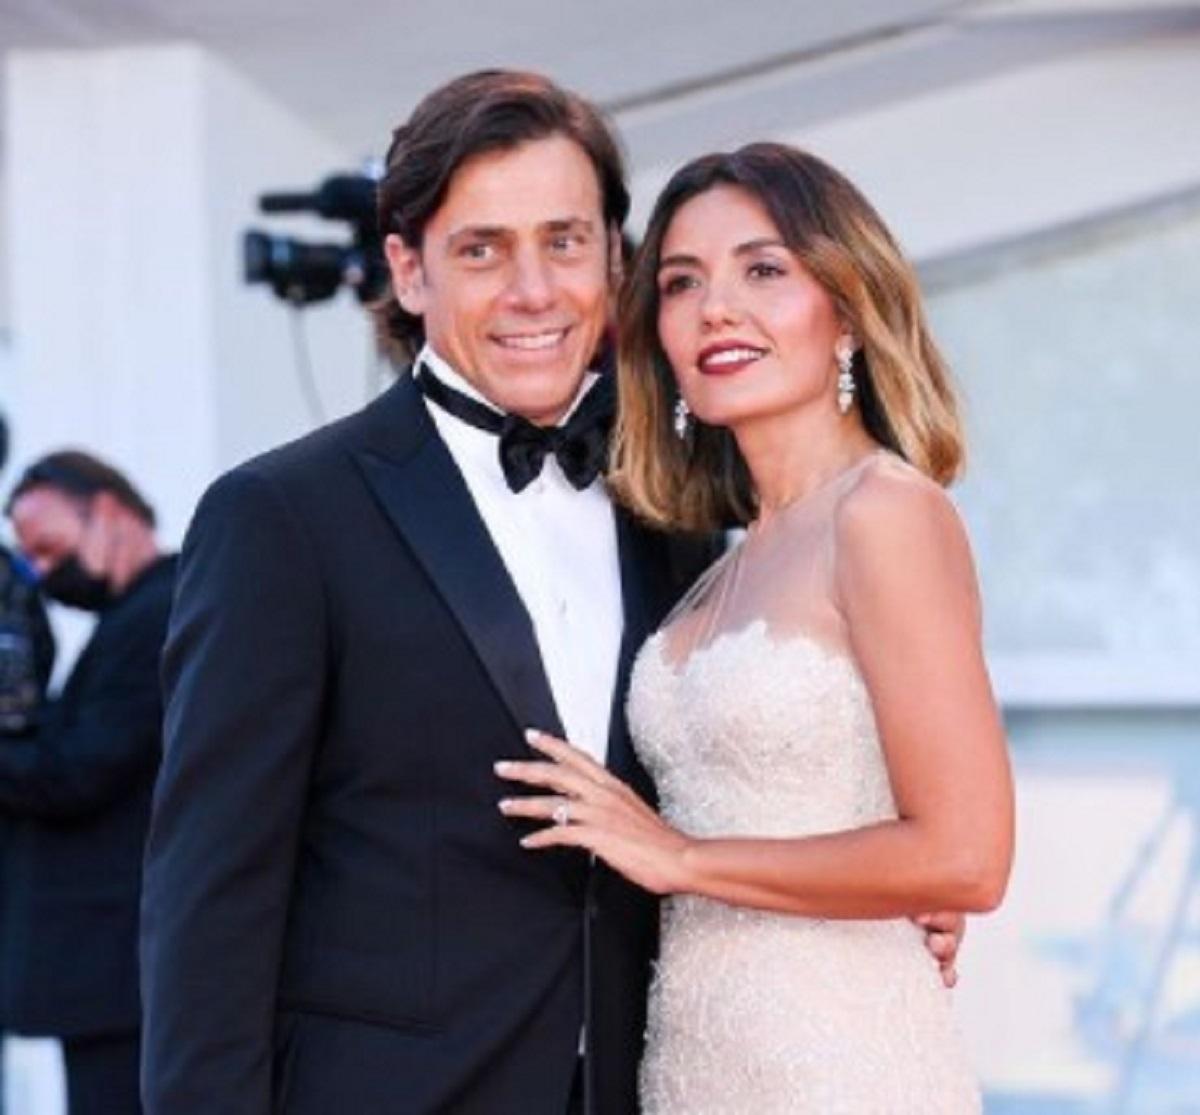 Serena Rossi Festival Cinema venezia Davide Devenuto dedica